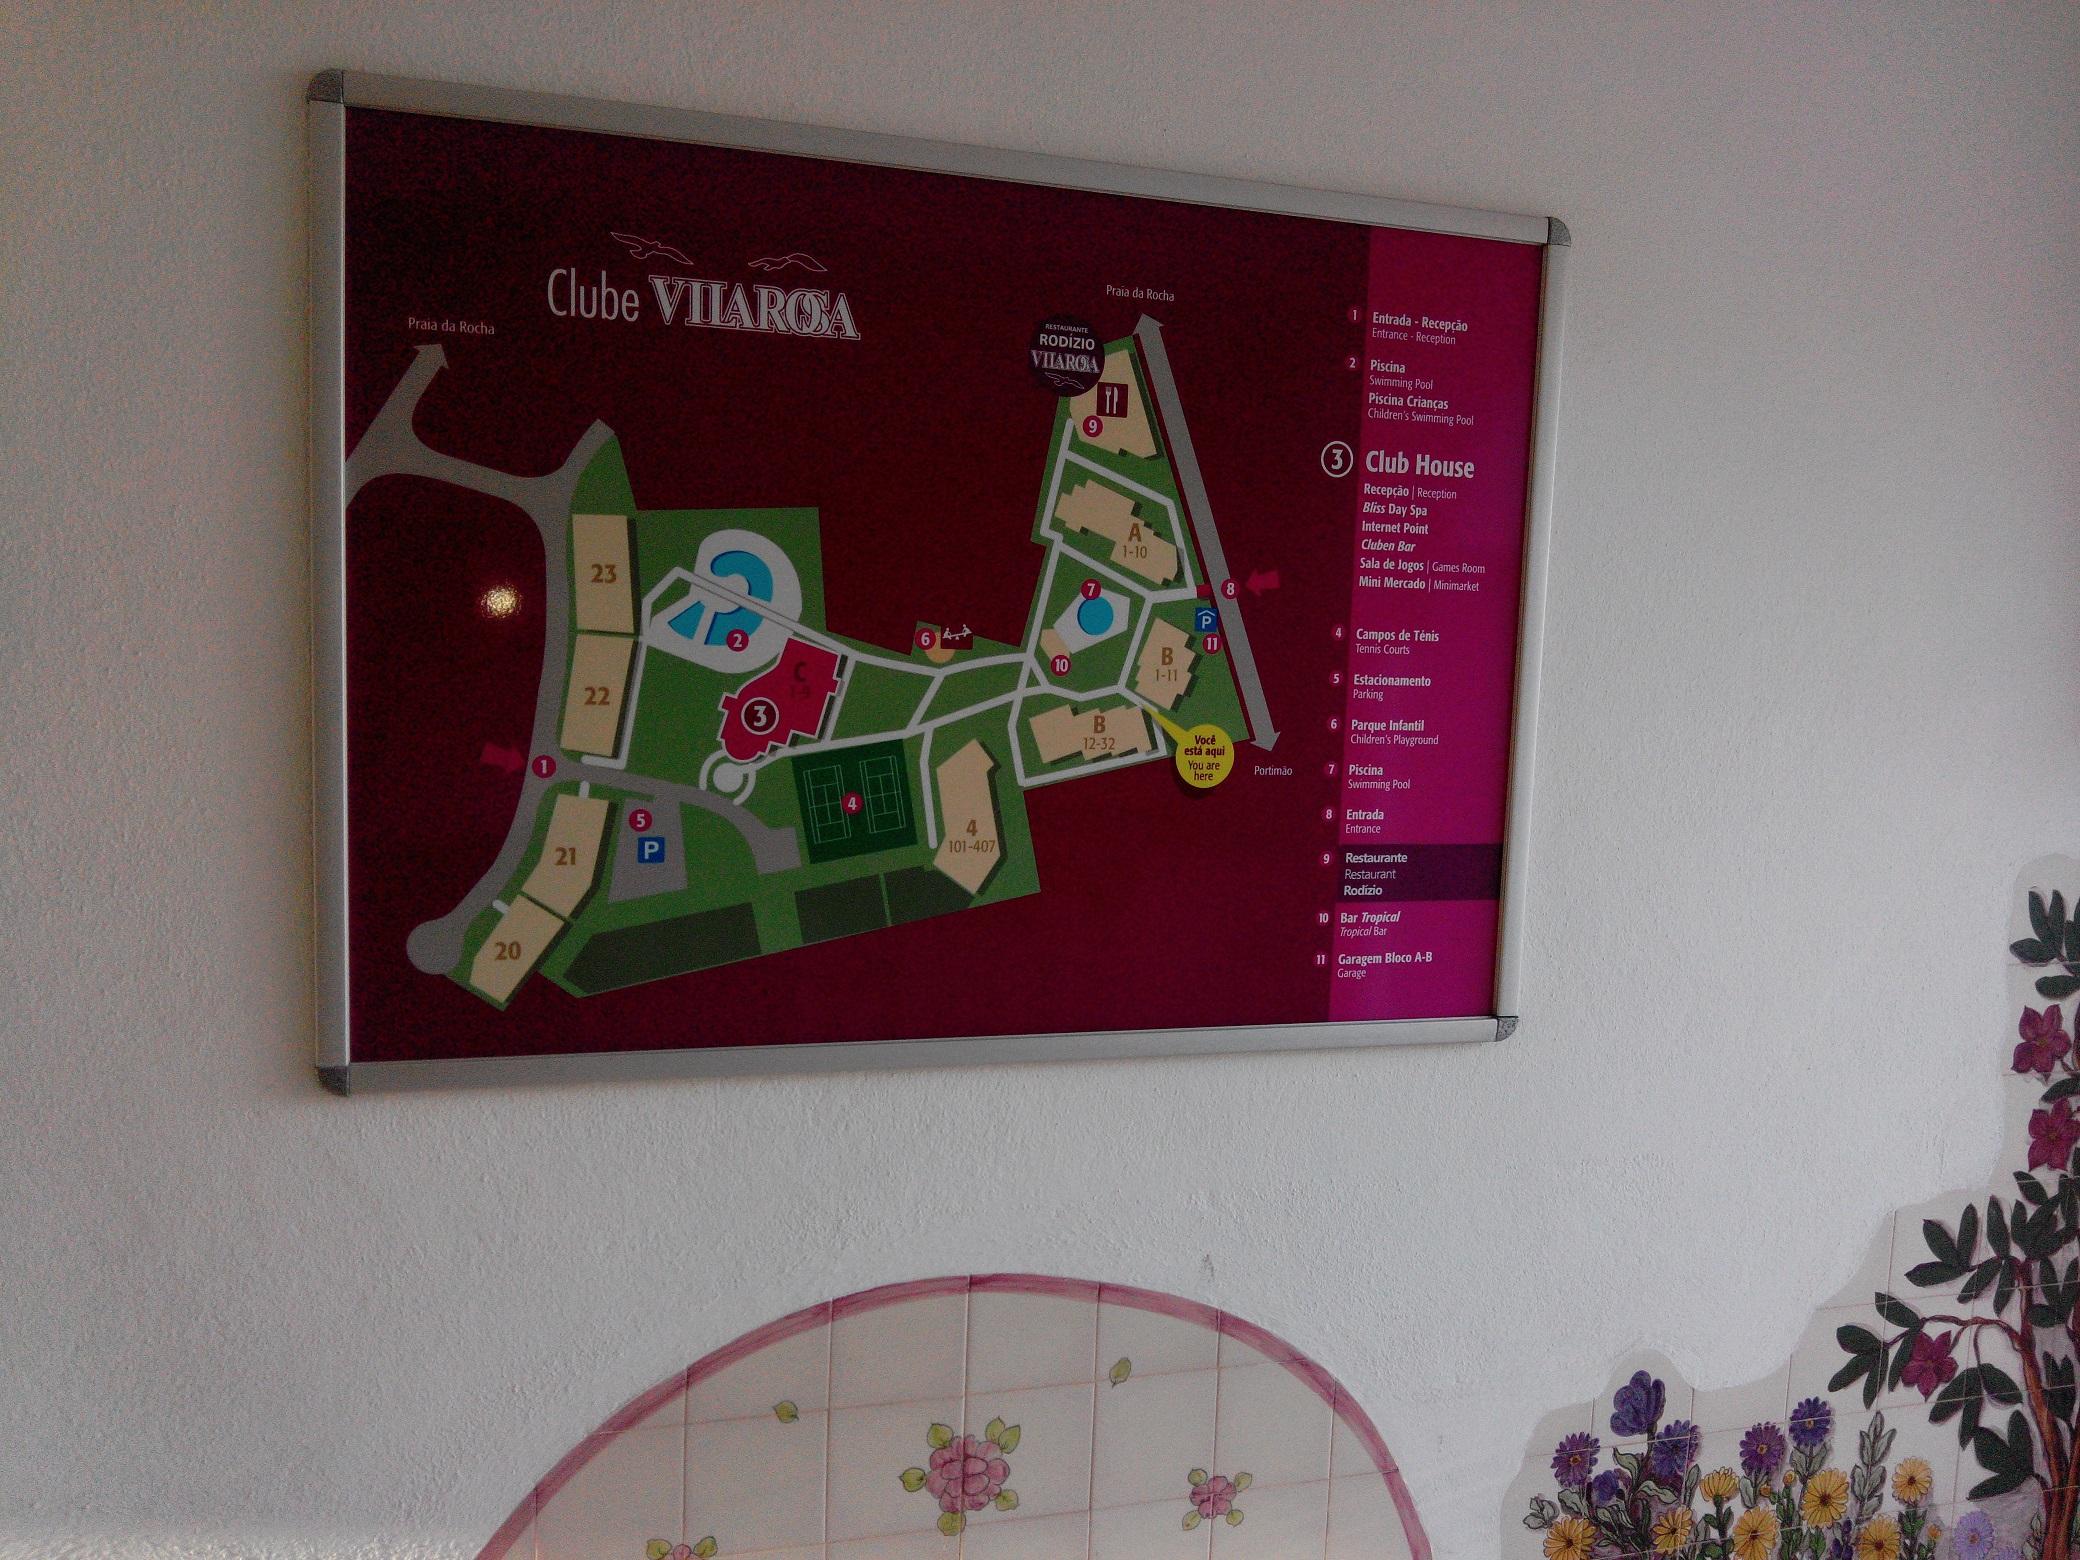 Clube Vilarosa